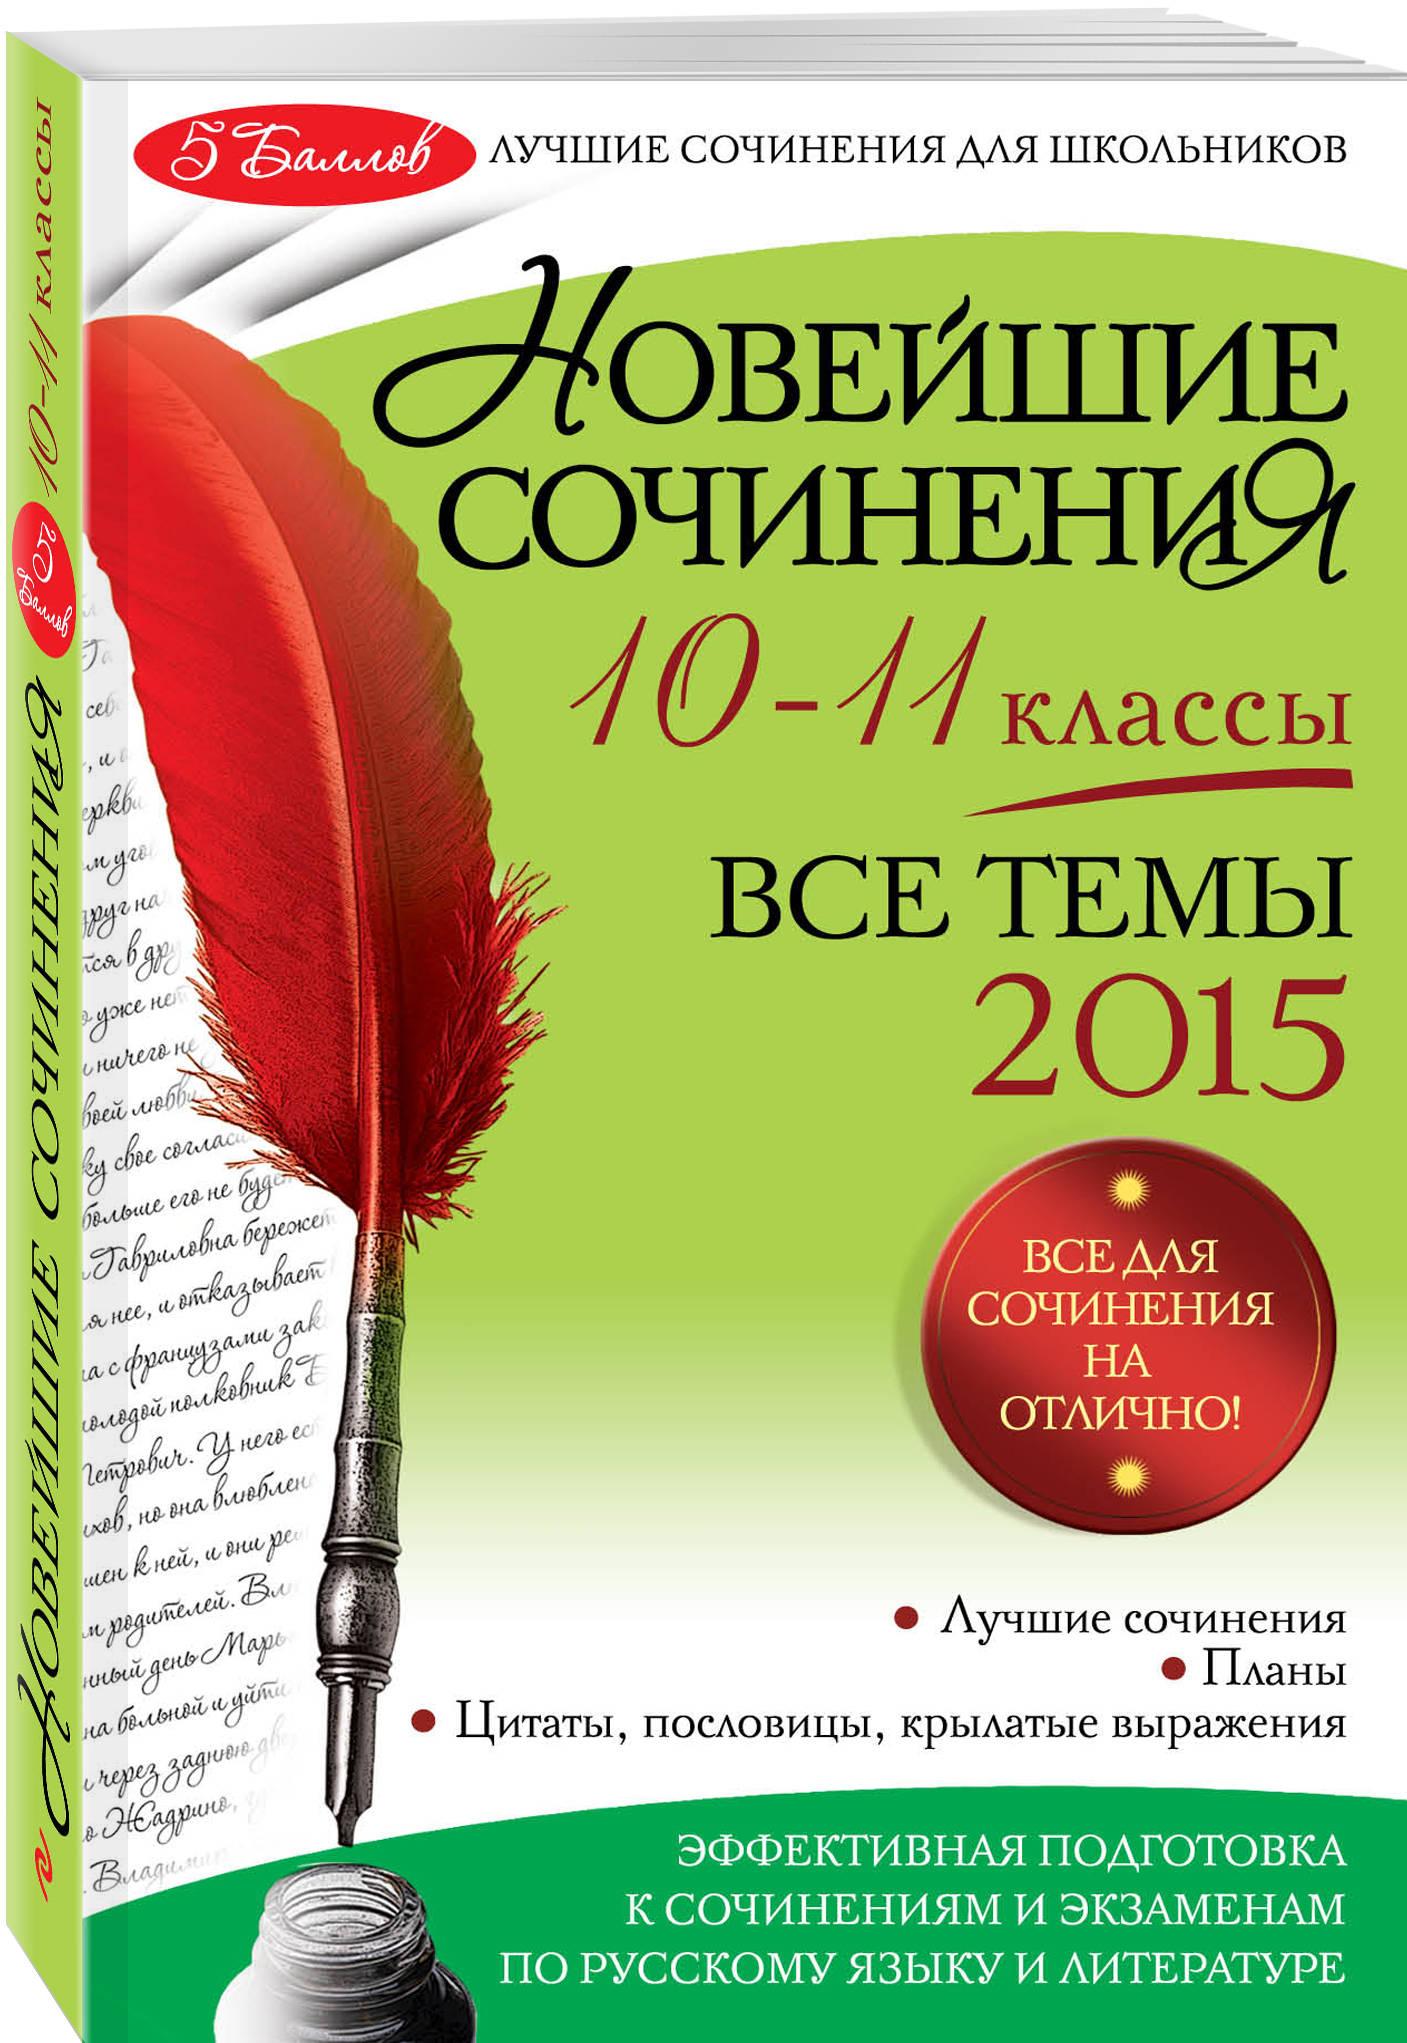 Новейшие сочинения: все темы 2015 г.: 10-11 классы